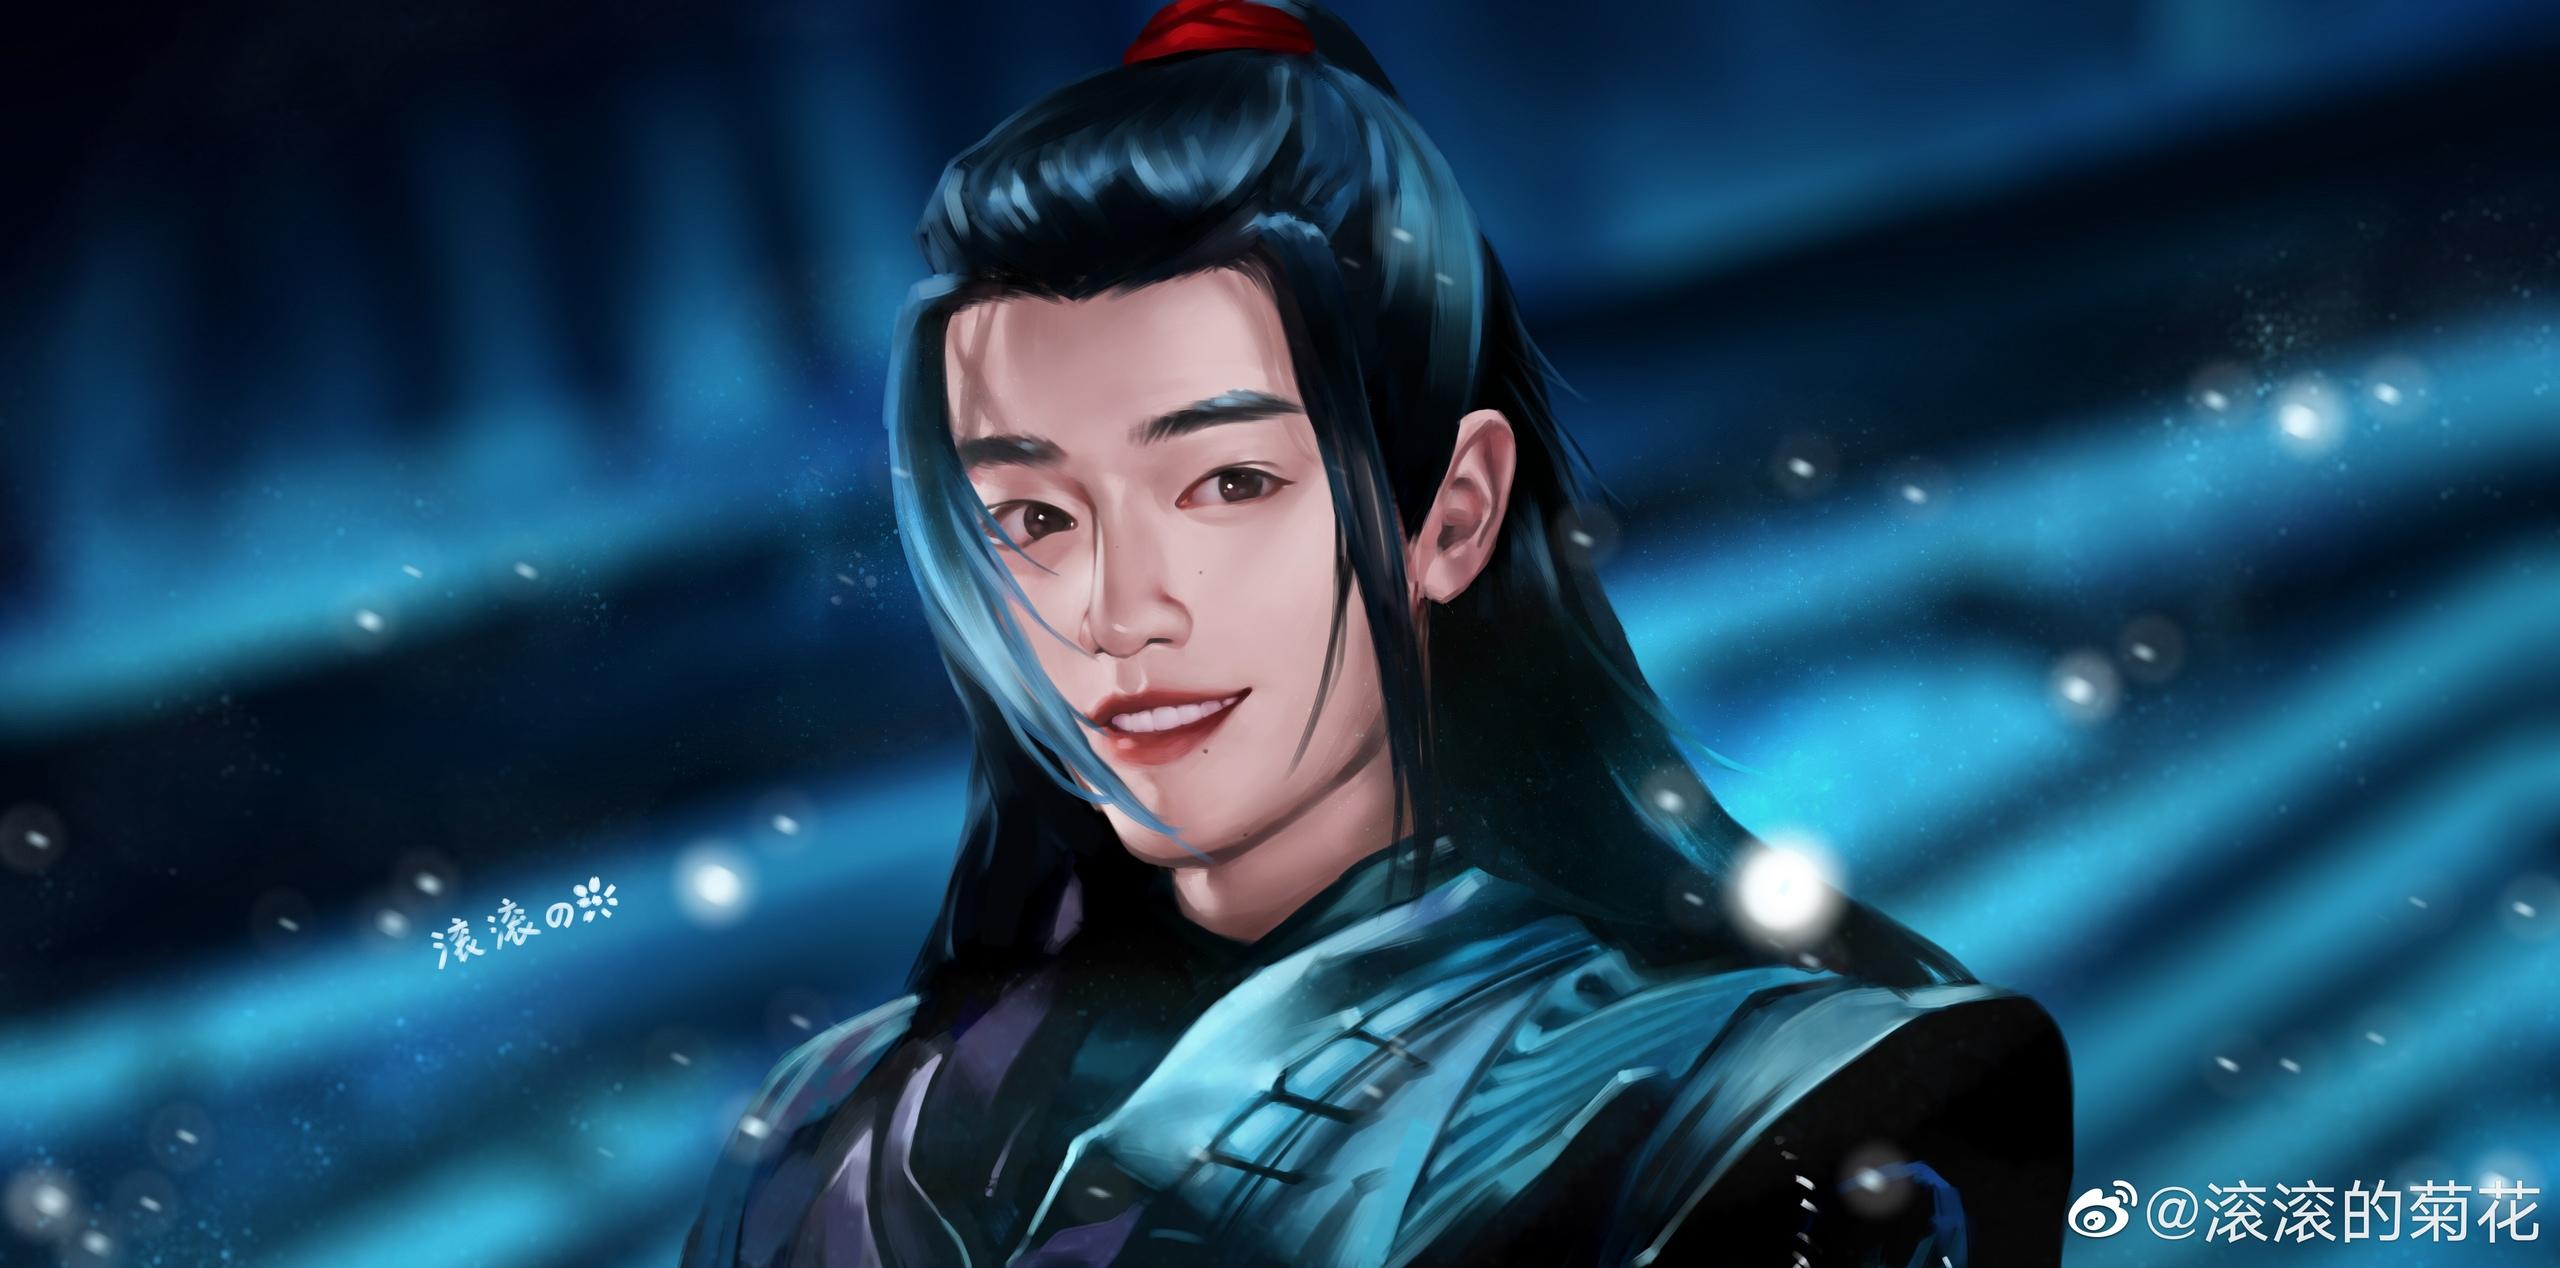 Xiao Zhan Wei Ying Wei Wuxian 2560x1268